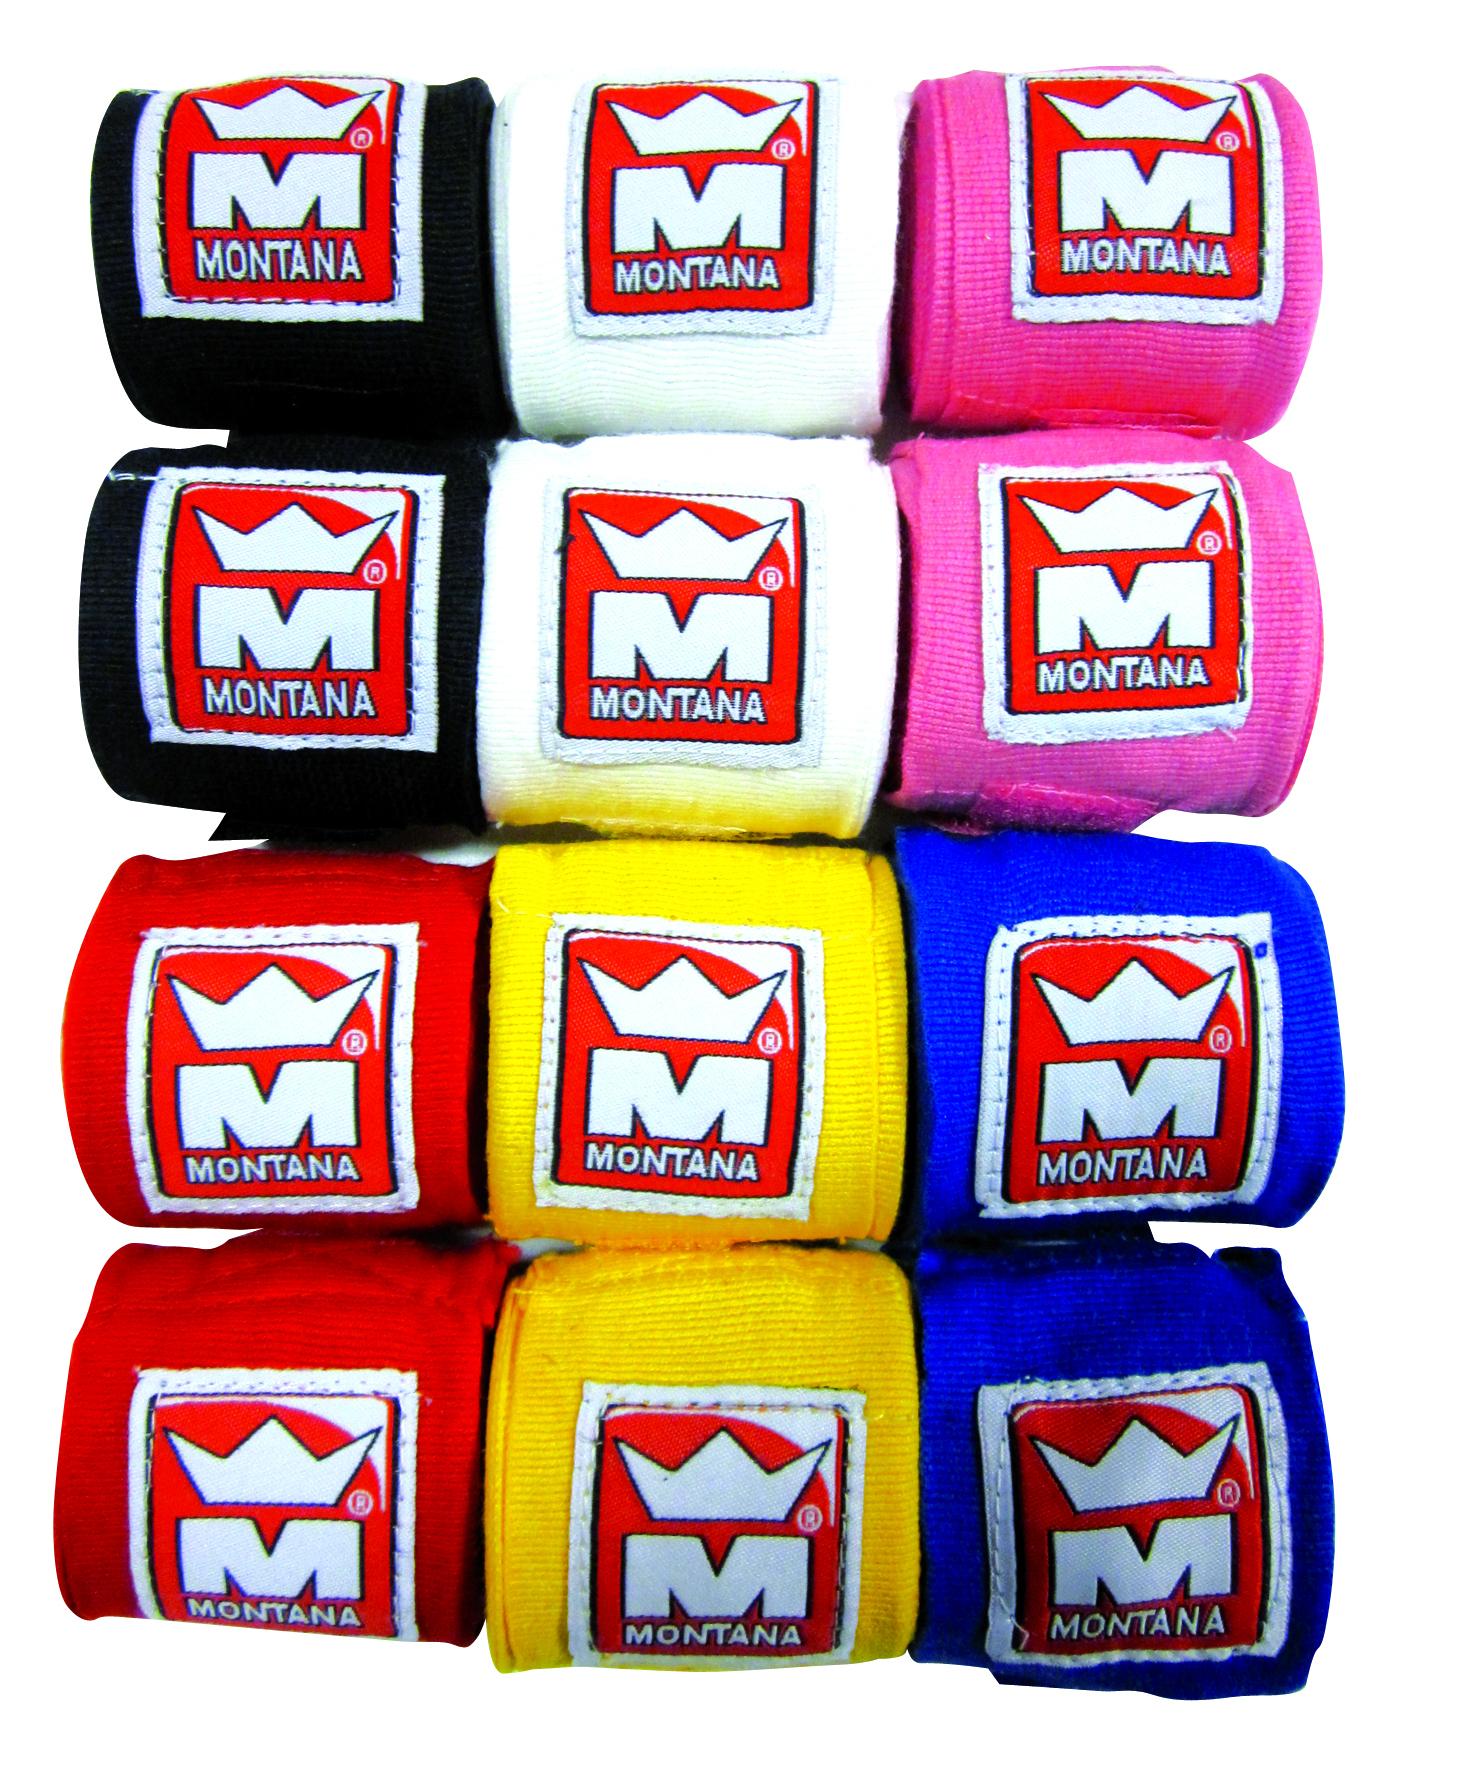 Bande de boxe Montana